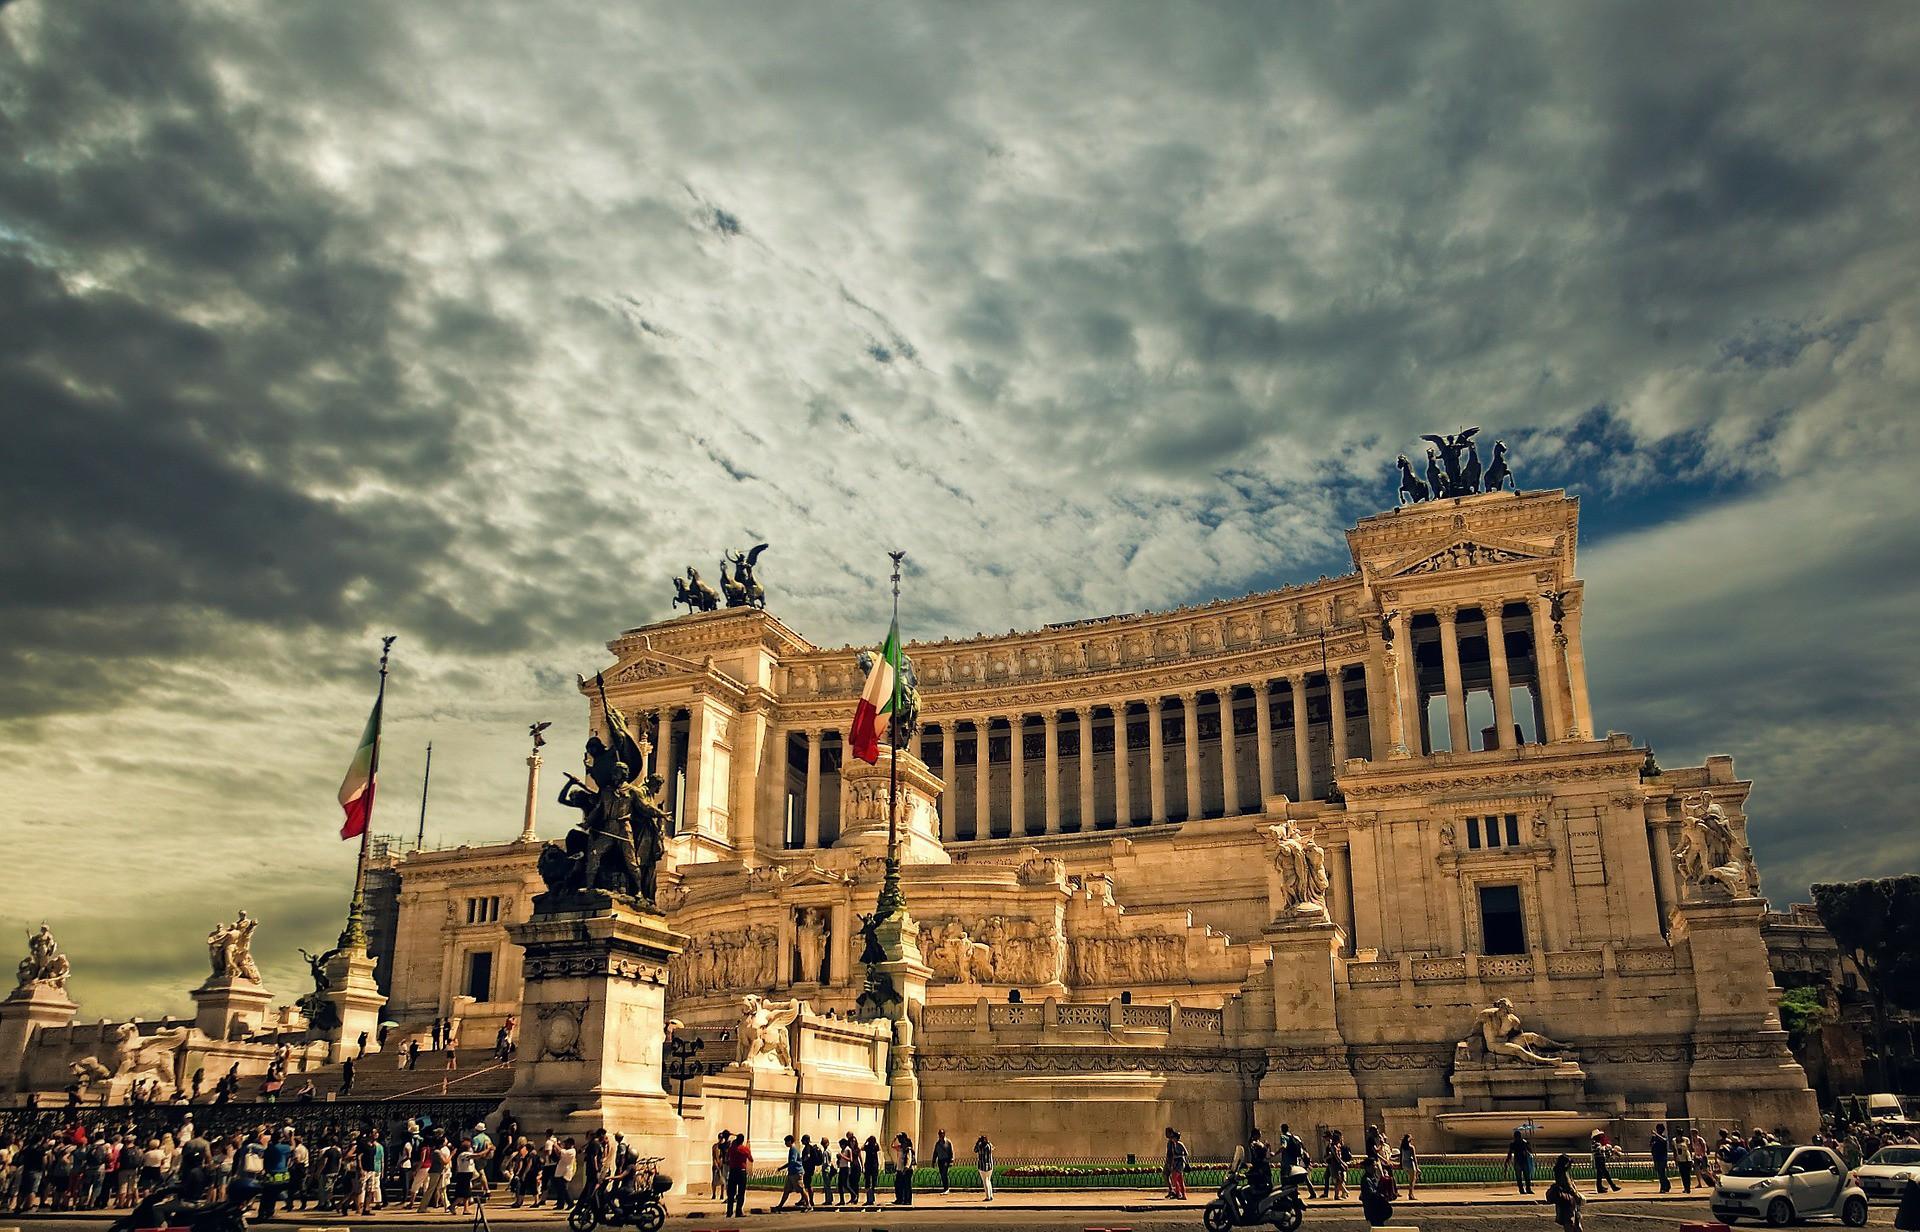 Monumento Nazionale in Rome |© skylark/Pixabay